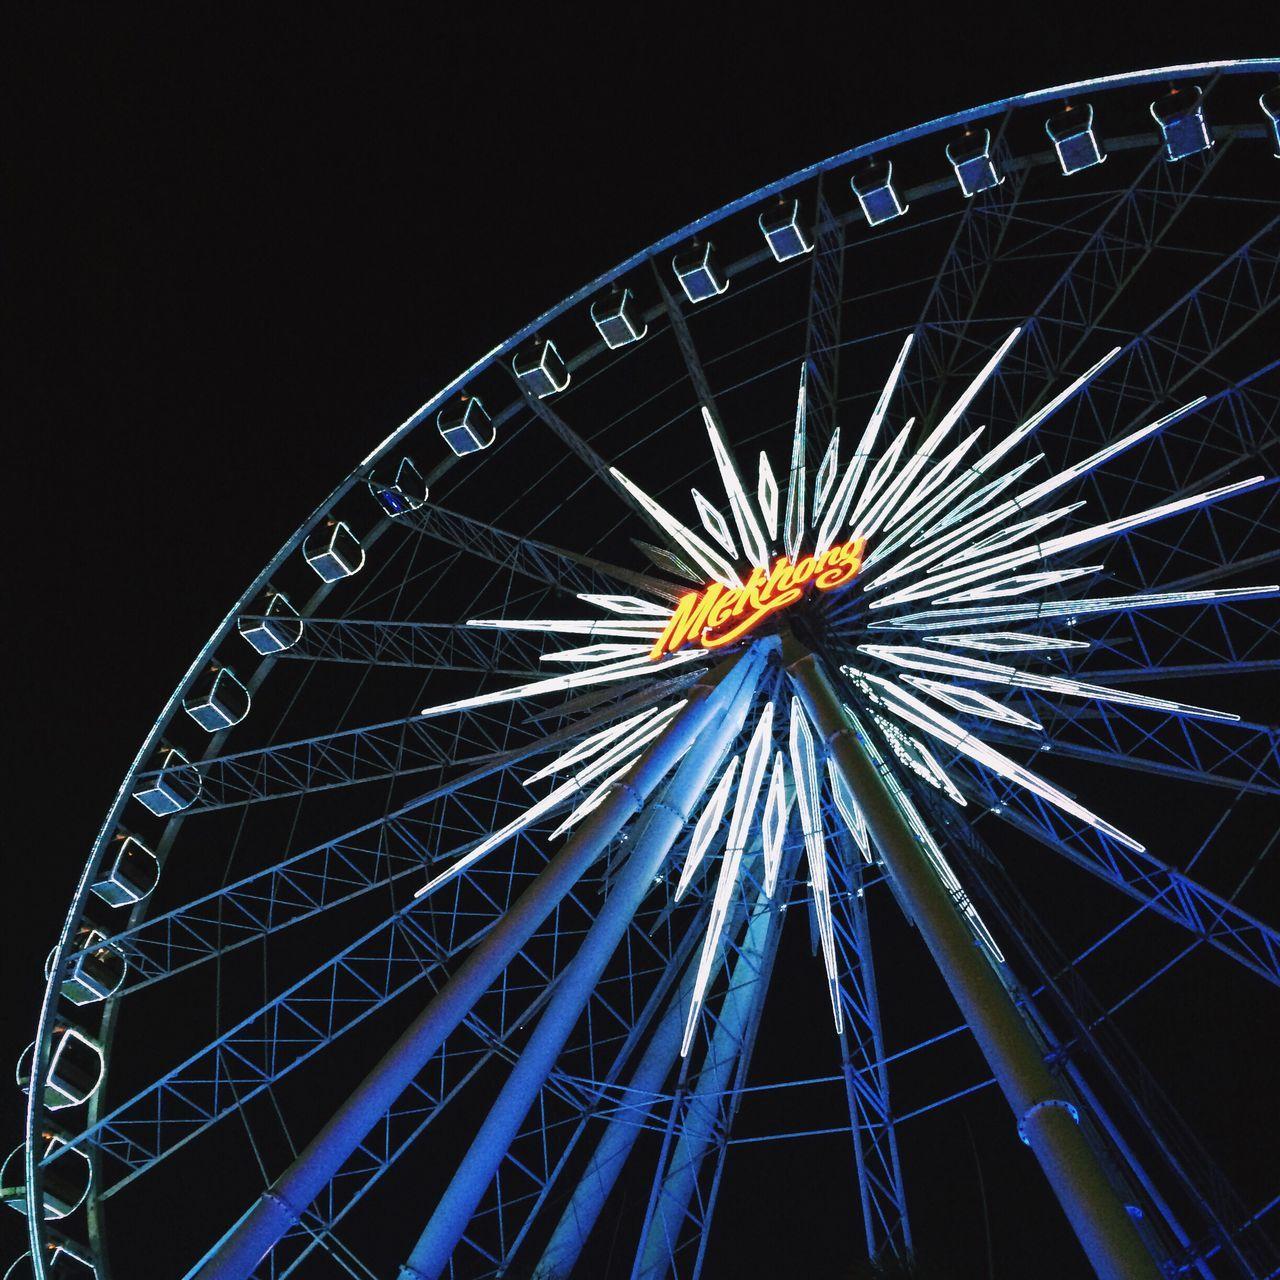 High Roller Ferris Wheel Night Meakhong Blue Light Lamp Neon Neon Lights Neon Sign